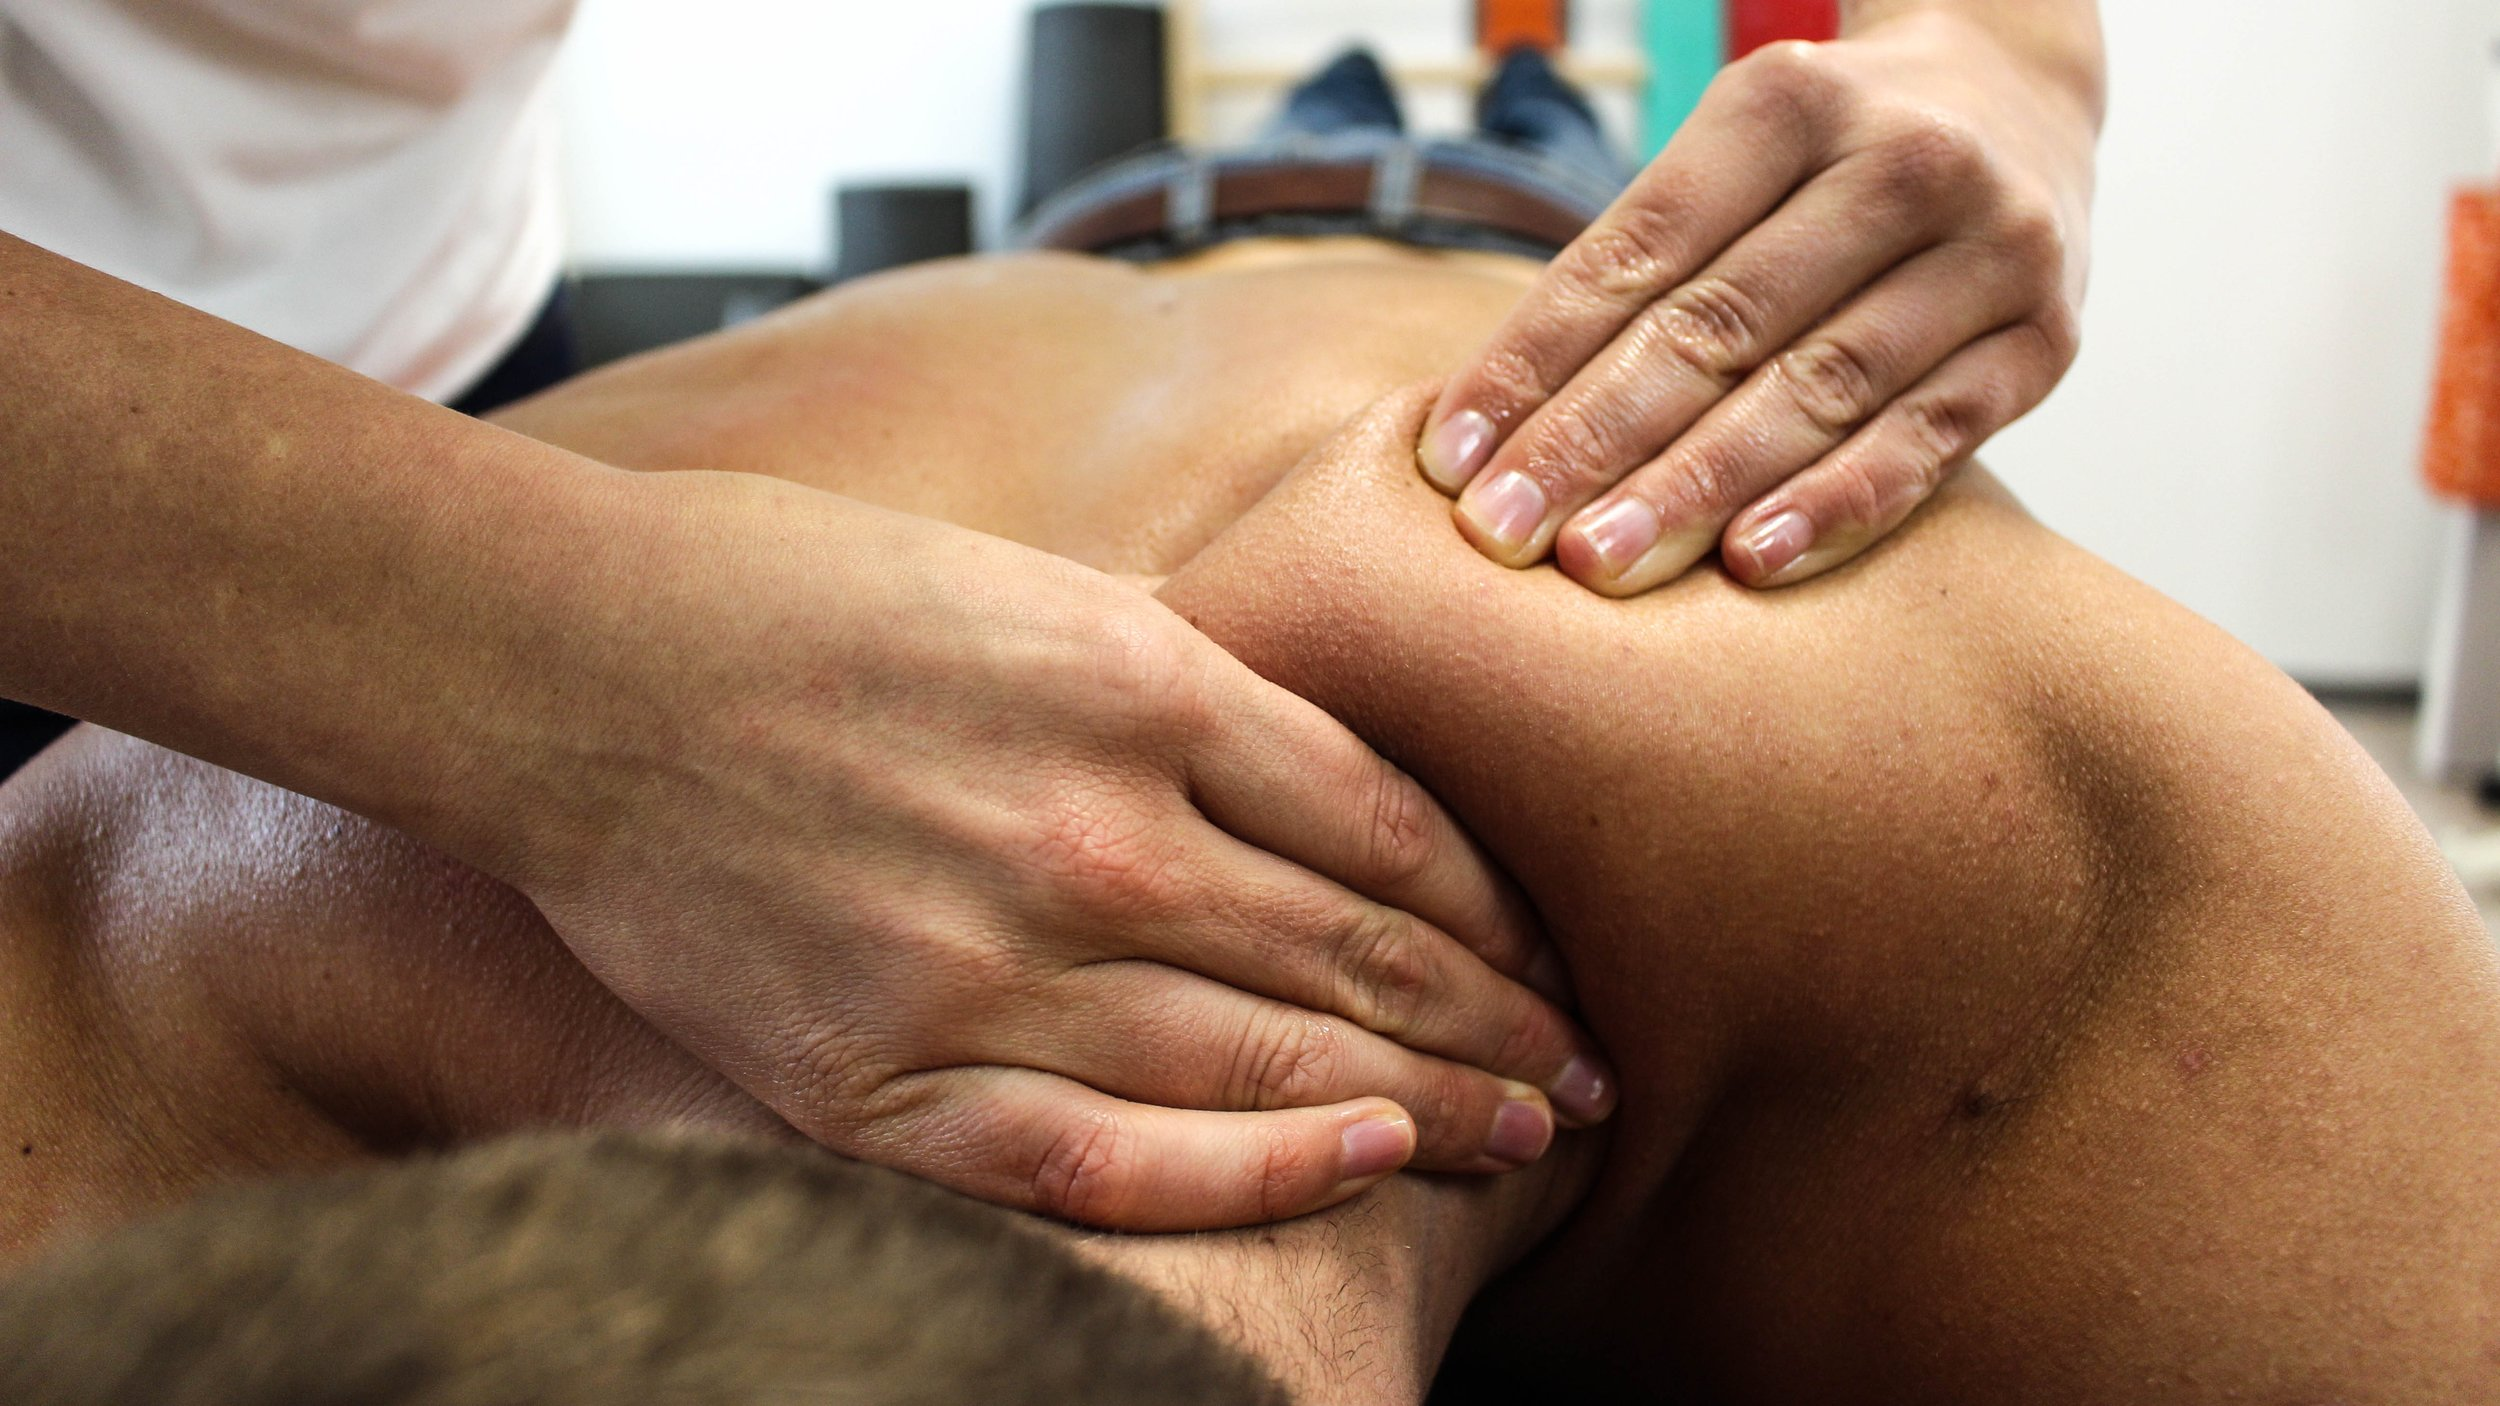 Dry needling and myofascial release often go hand-in-hand